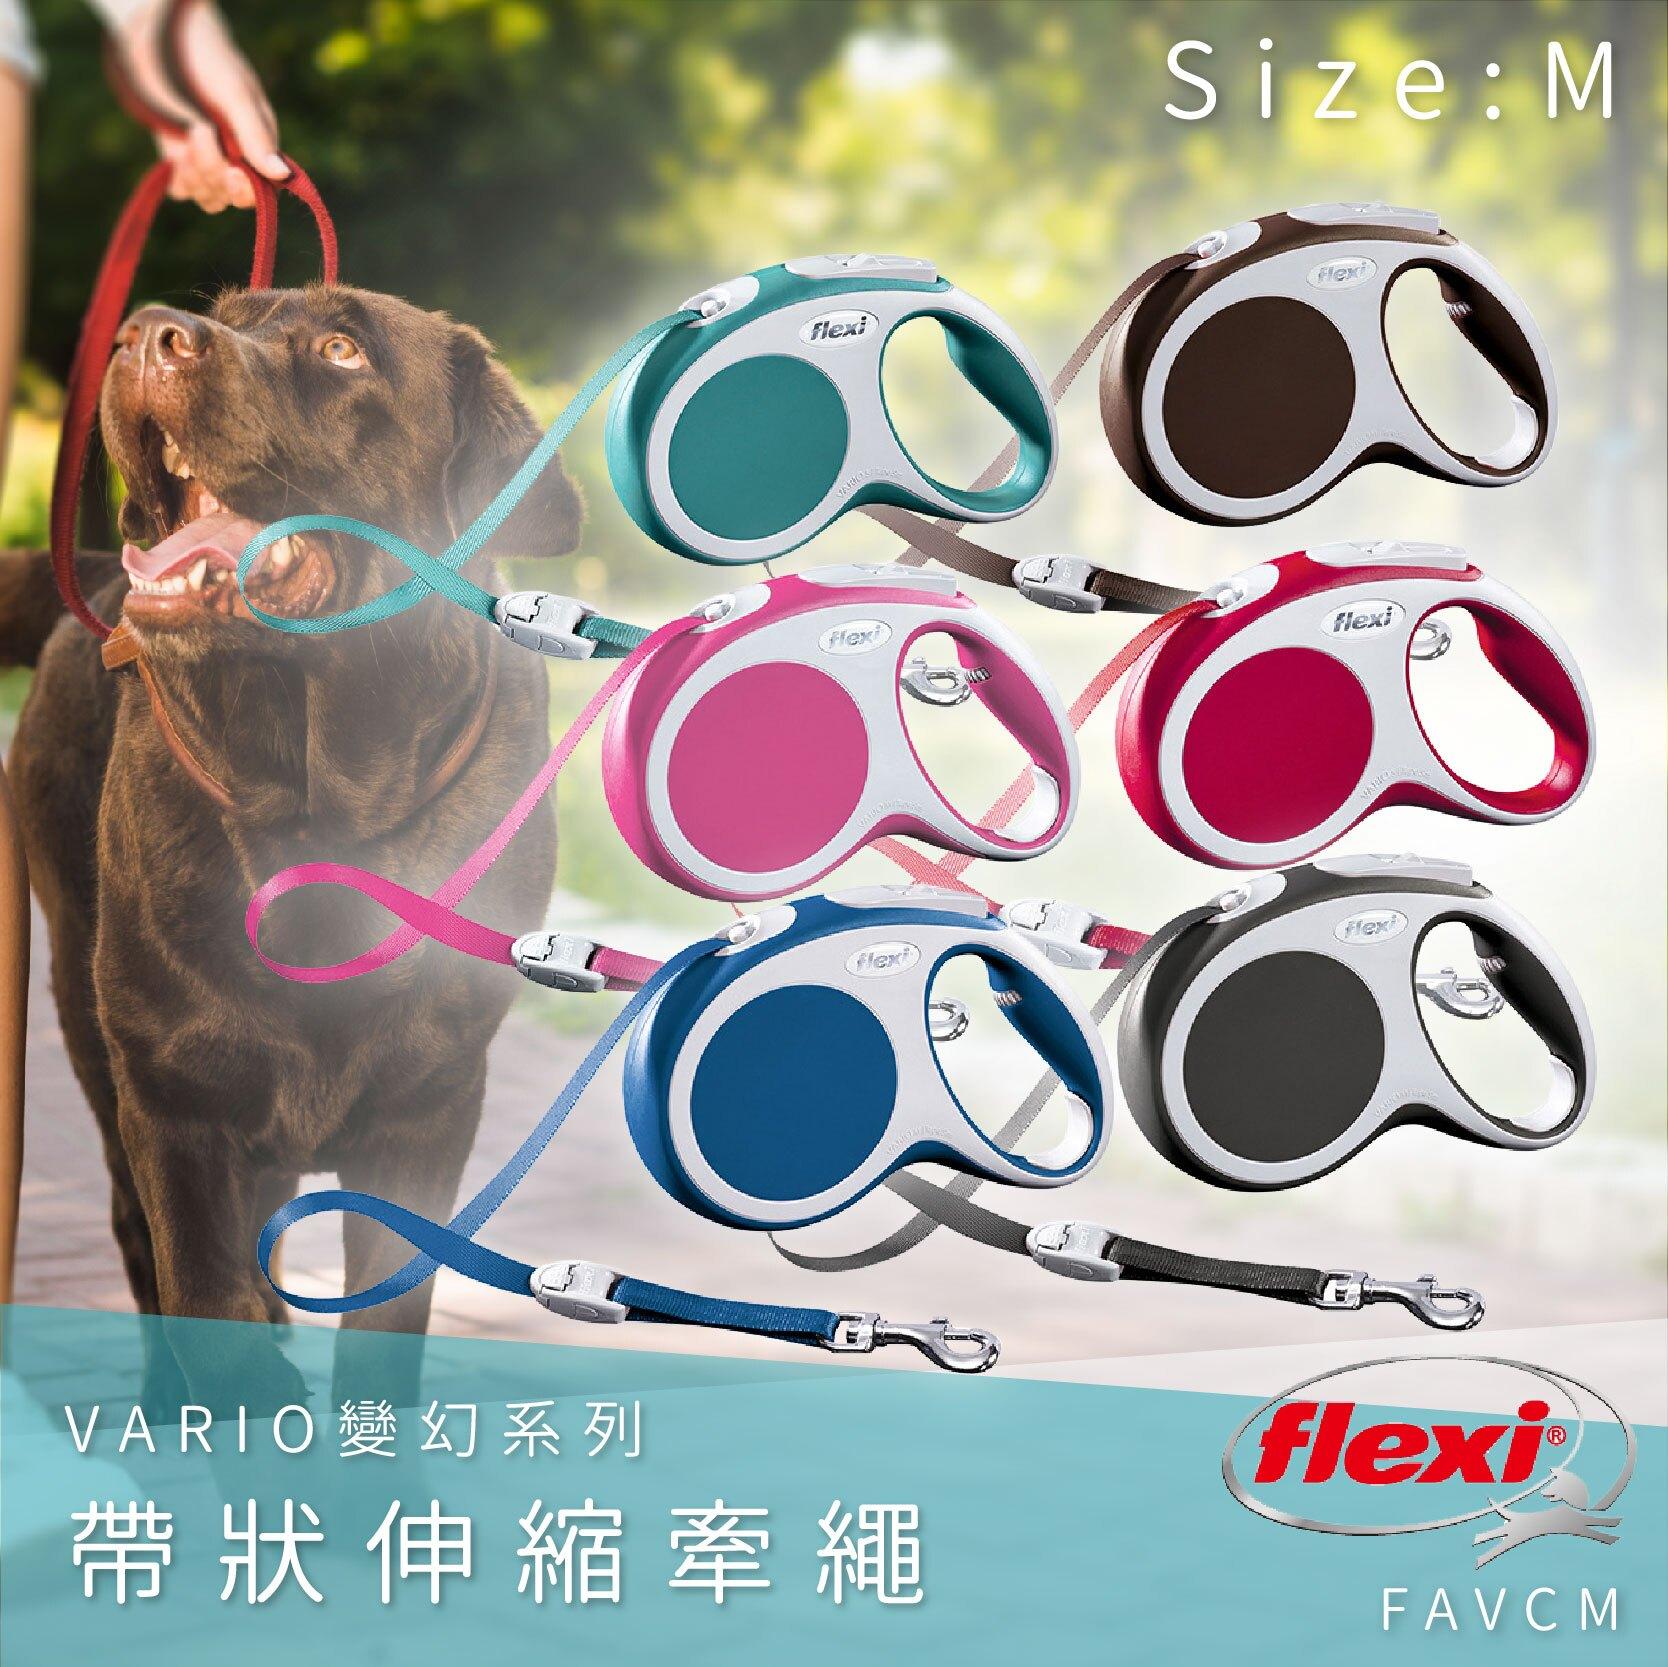 Flexi飛萊希 帶狀伸縮牽繩 M FAVCM 變幻系列 舒適握把 狗貓 外出用品 寵物用品 寵物牽繩 德國製 八色